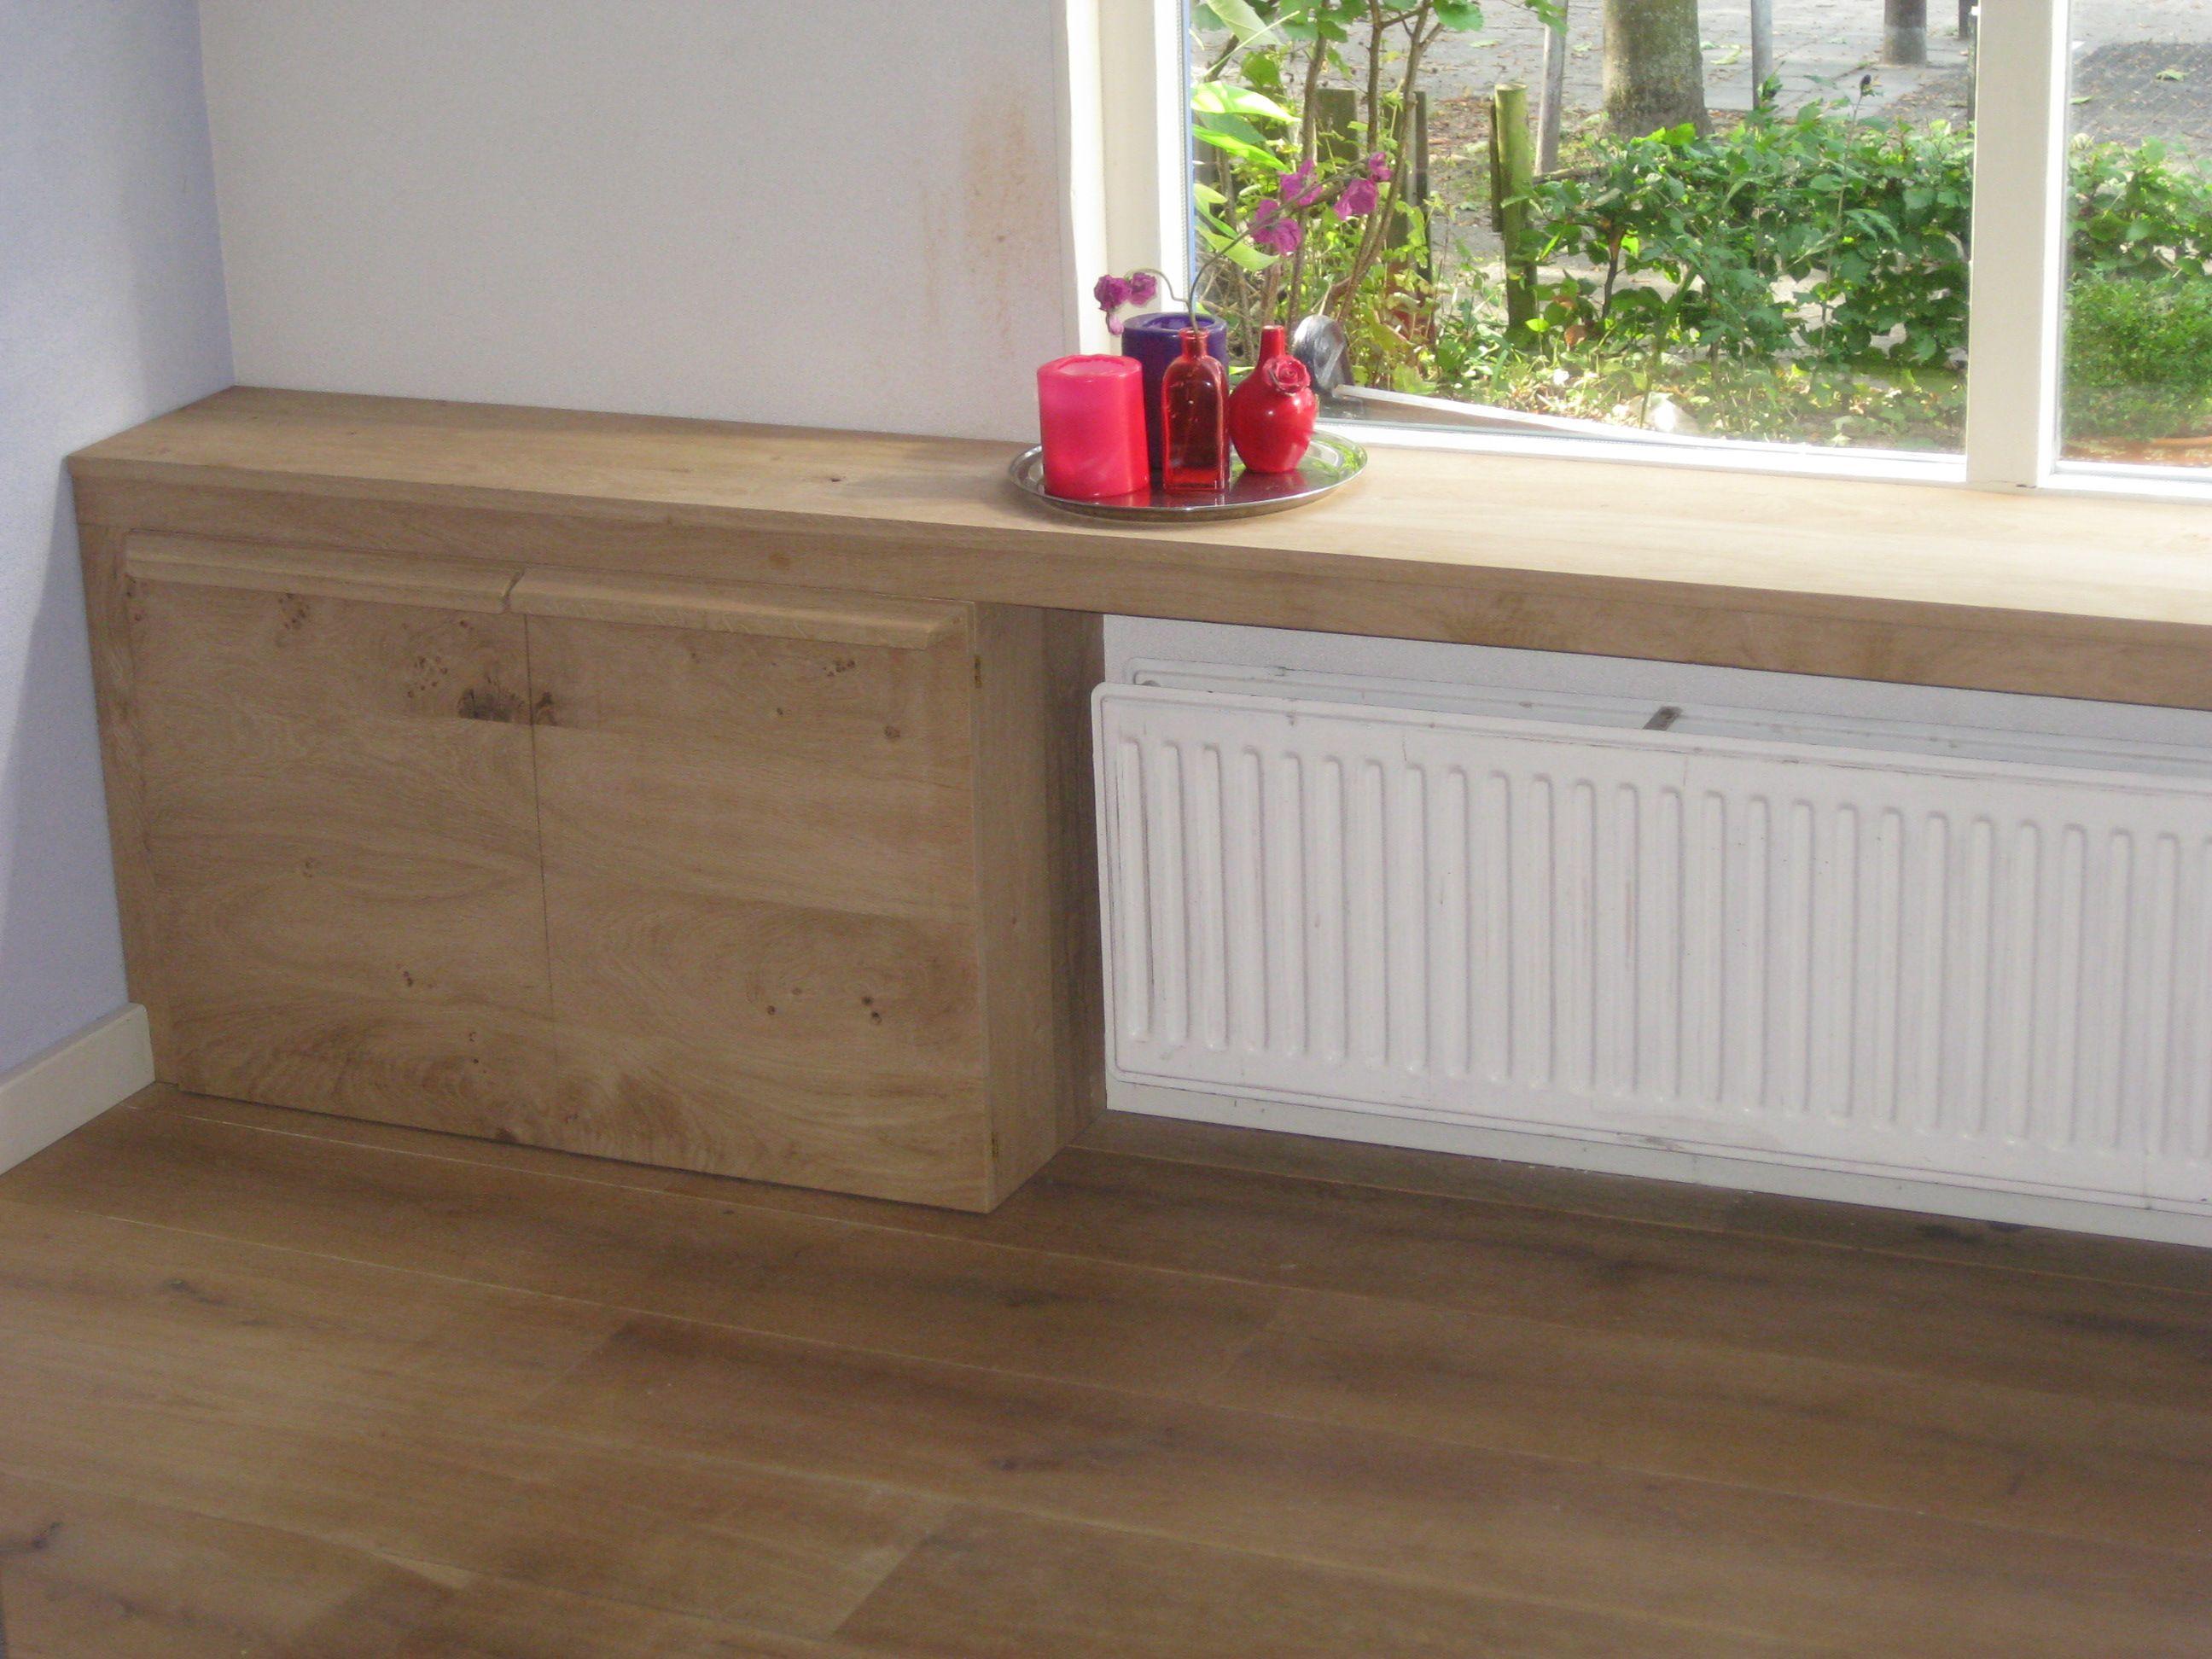 vensterbank van steigerhout zelfde kleur als vloer. Black Bedroom Furniture Sets. Home Design Ideas